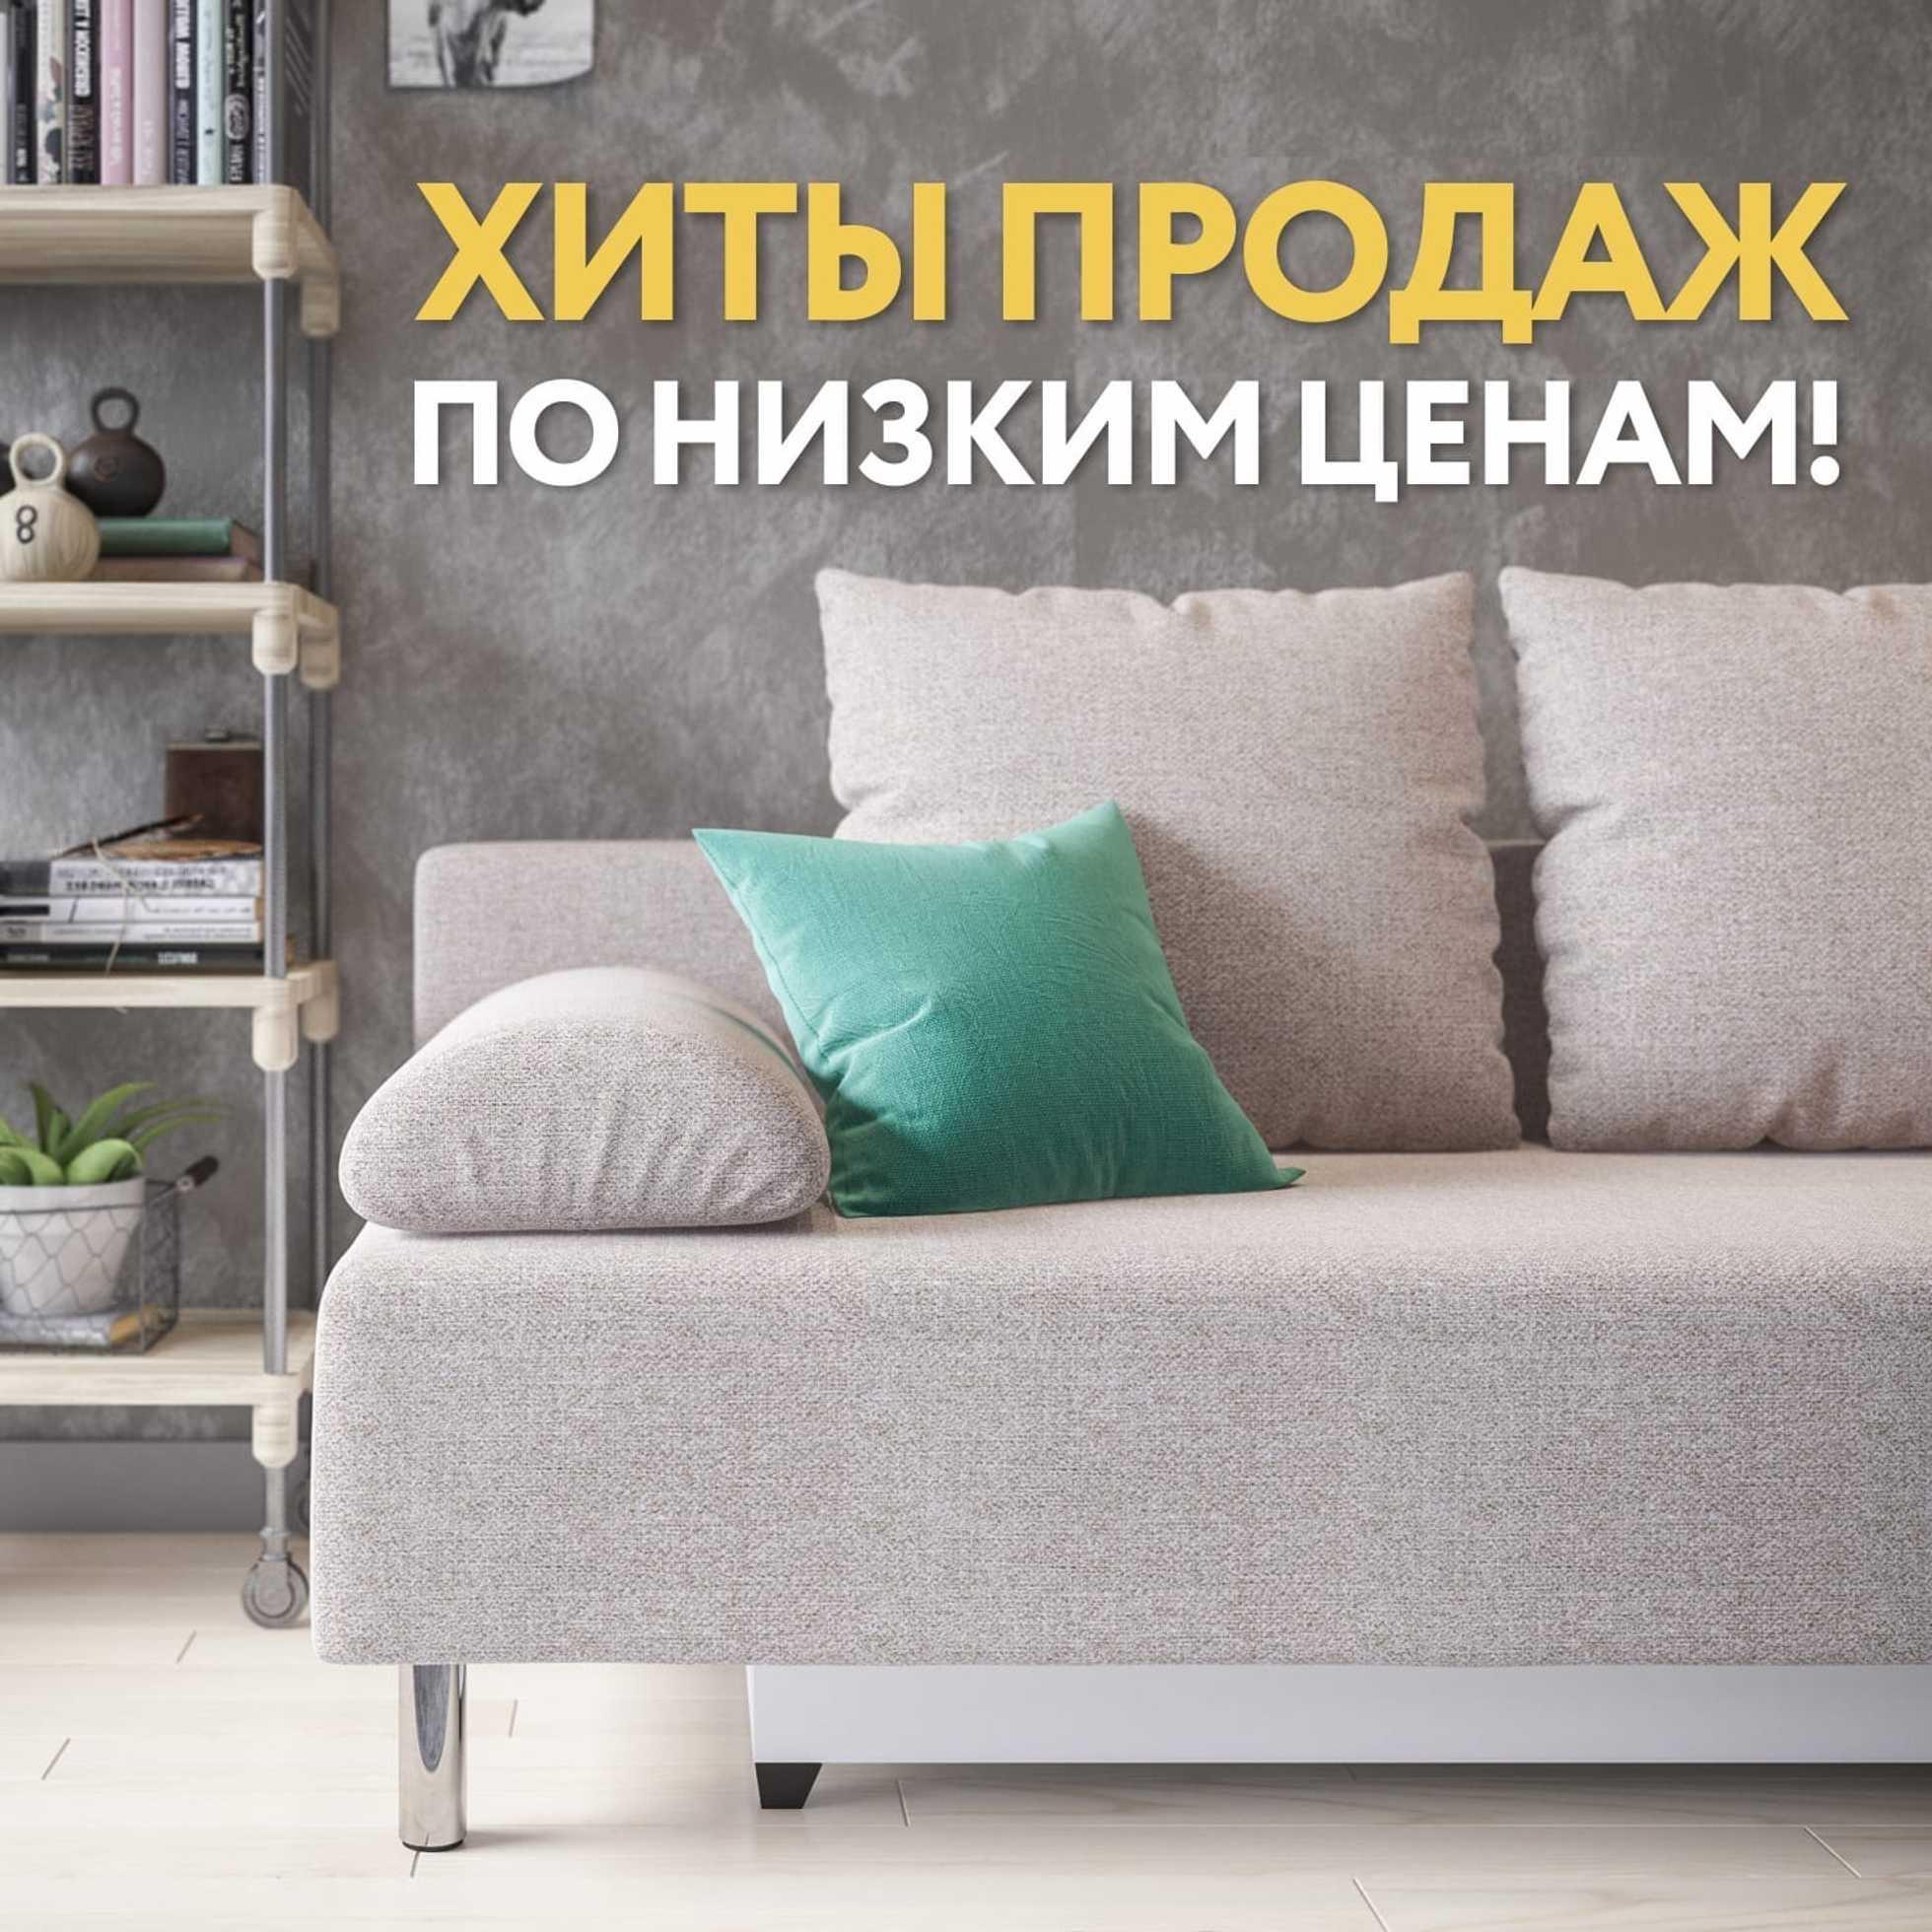 Много Мебели - каталог действителен с 05.01.2021 по 18.01.2021 - страница 1.